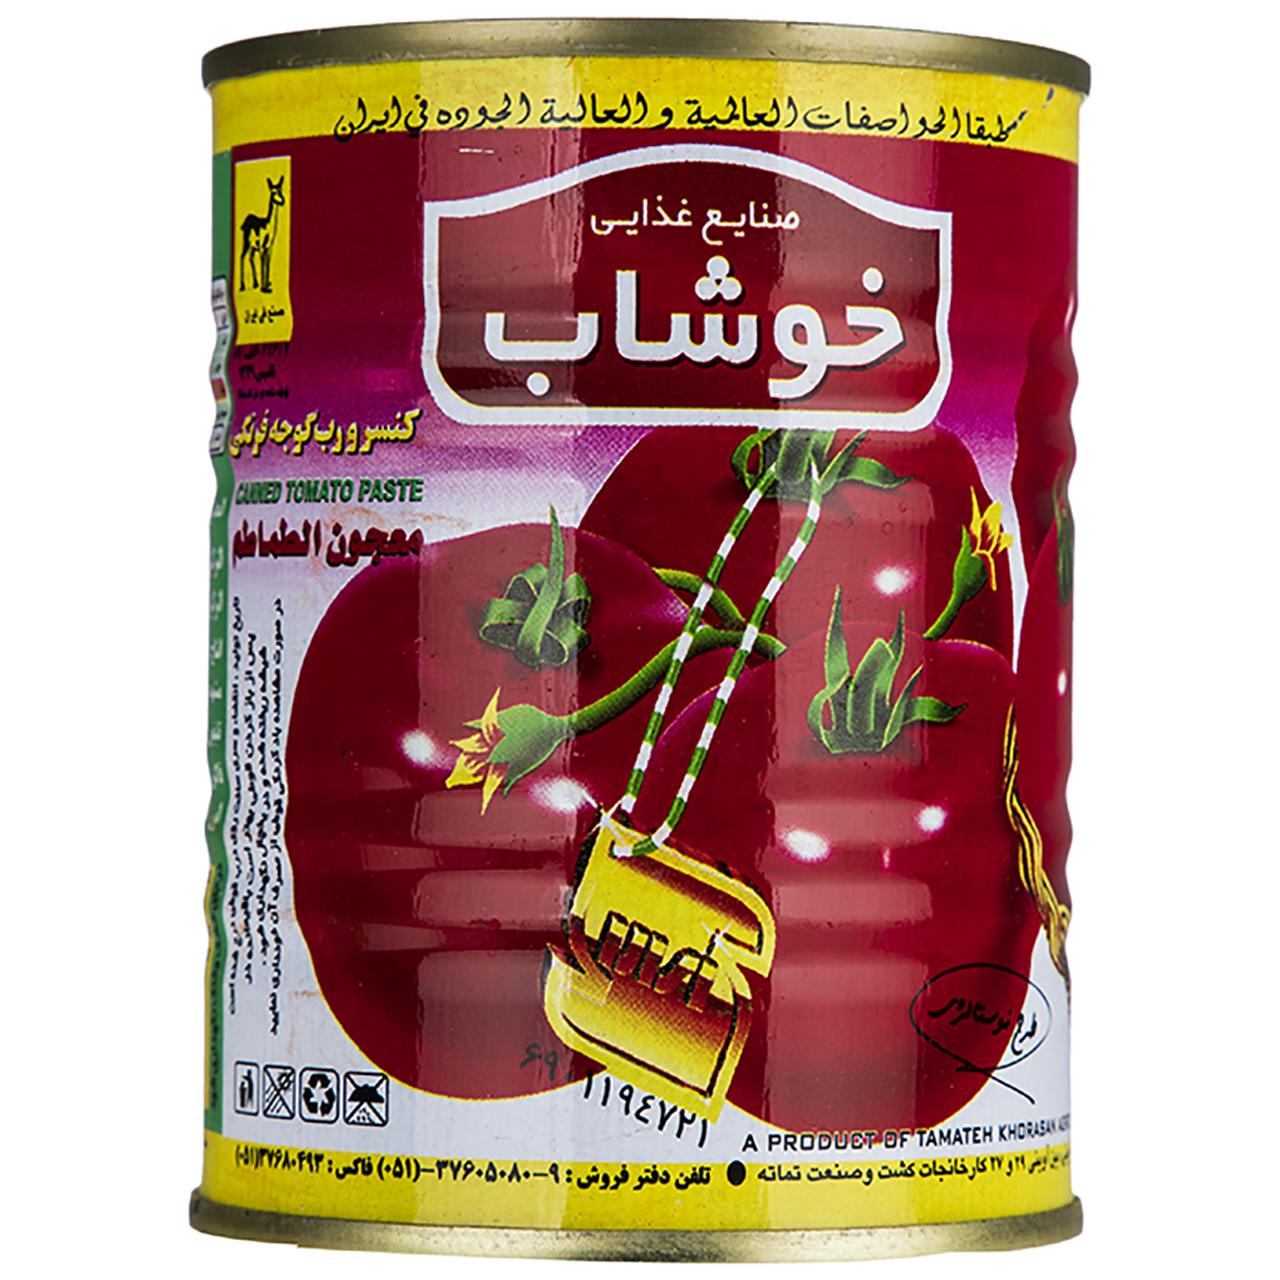 کنسرو رب گوجه فرنگی خوشاب مقدار 350 گرم | Khoushab Canned Tomato Paste 350 gr